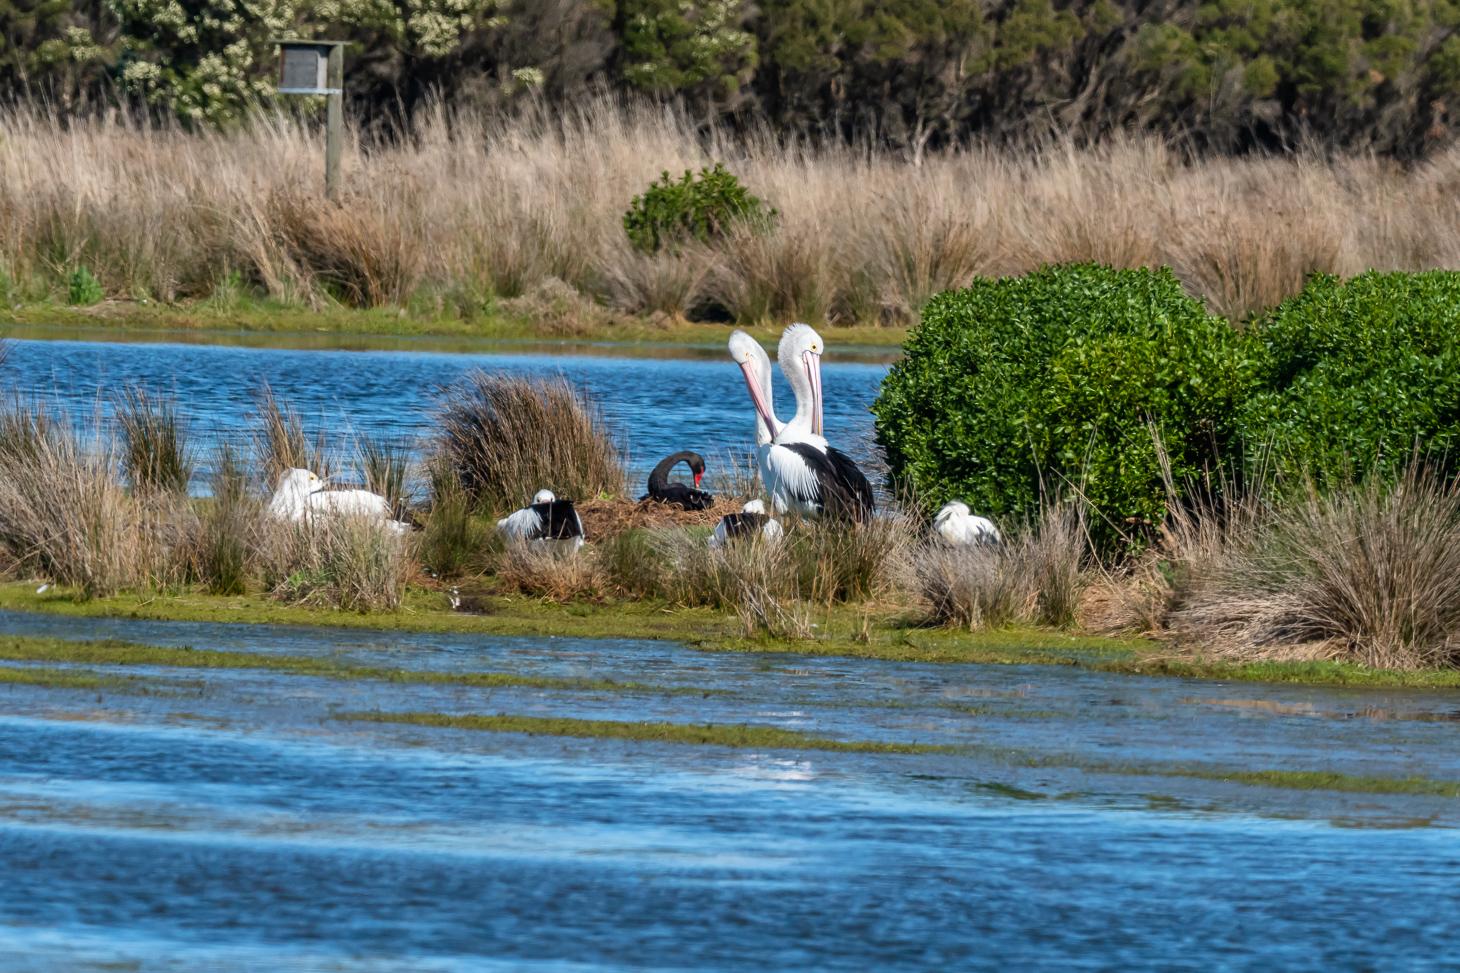 Black Swan - AustnPelican - Royal Spoonbill - Bevan Hood